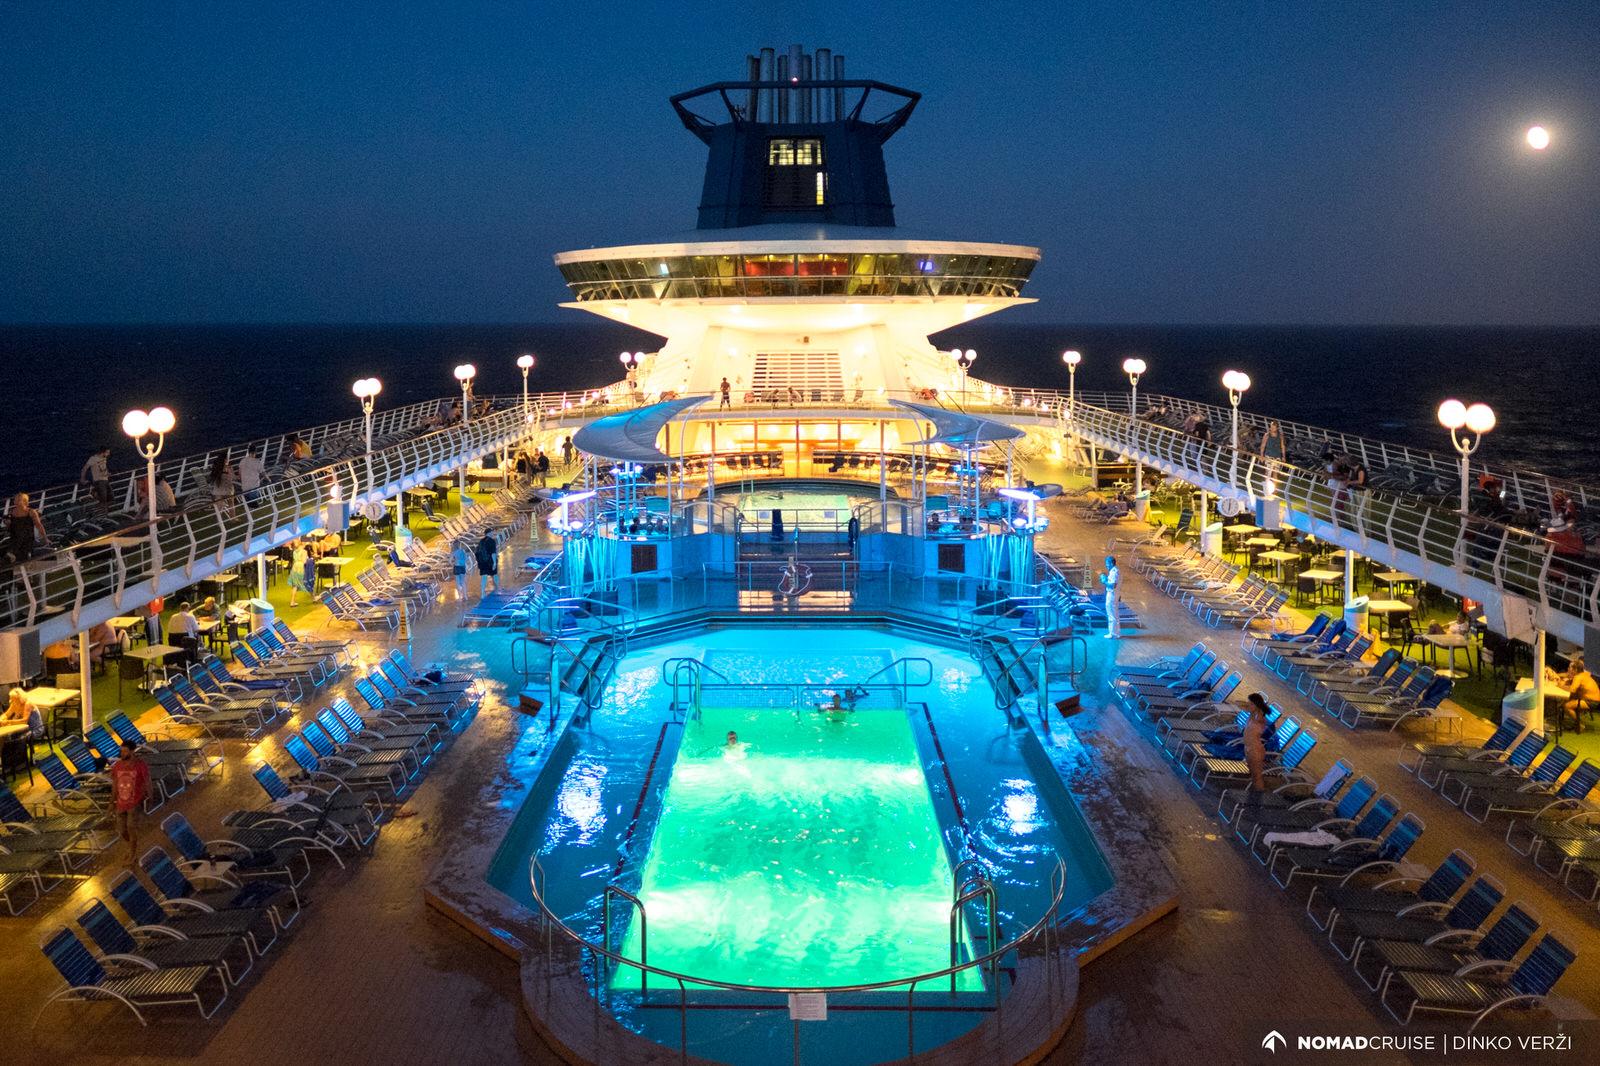 Nomad Cruise V: Spain to Panama